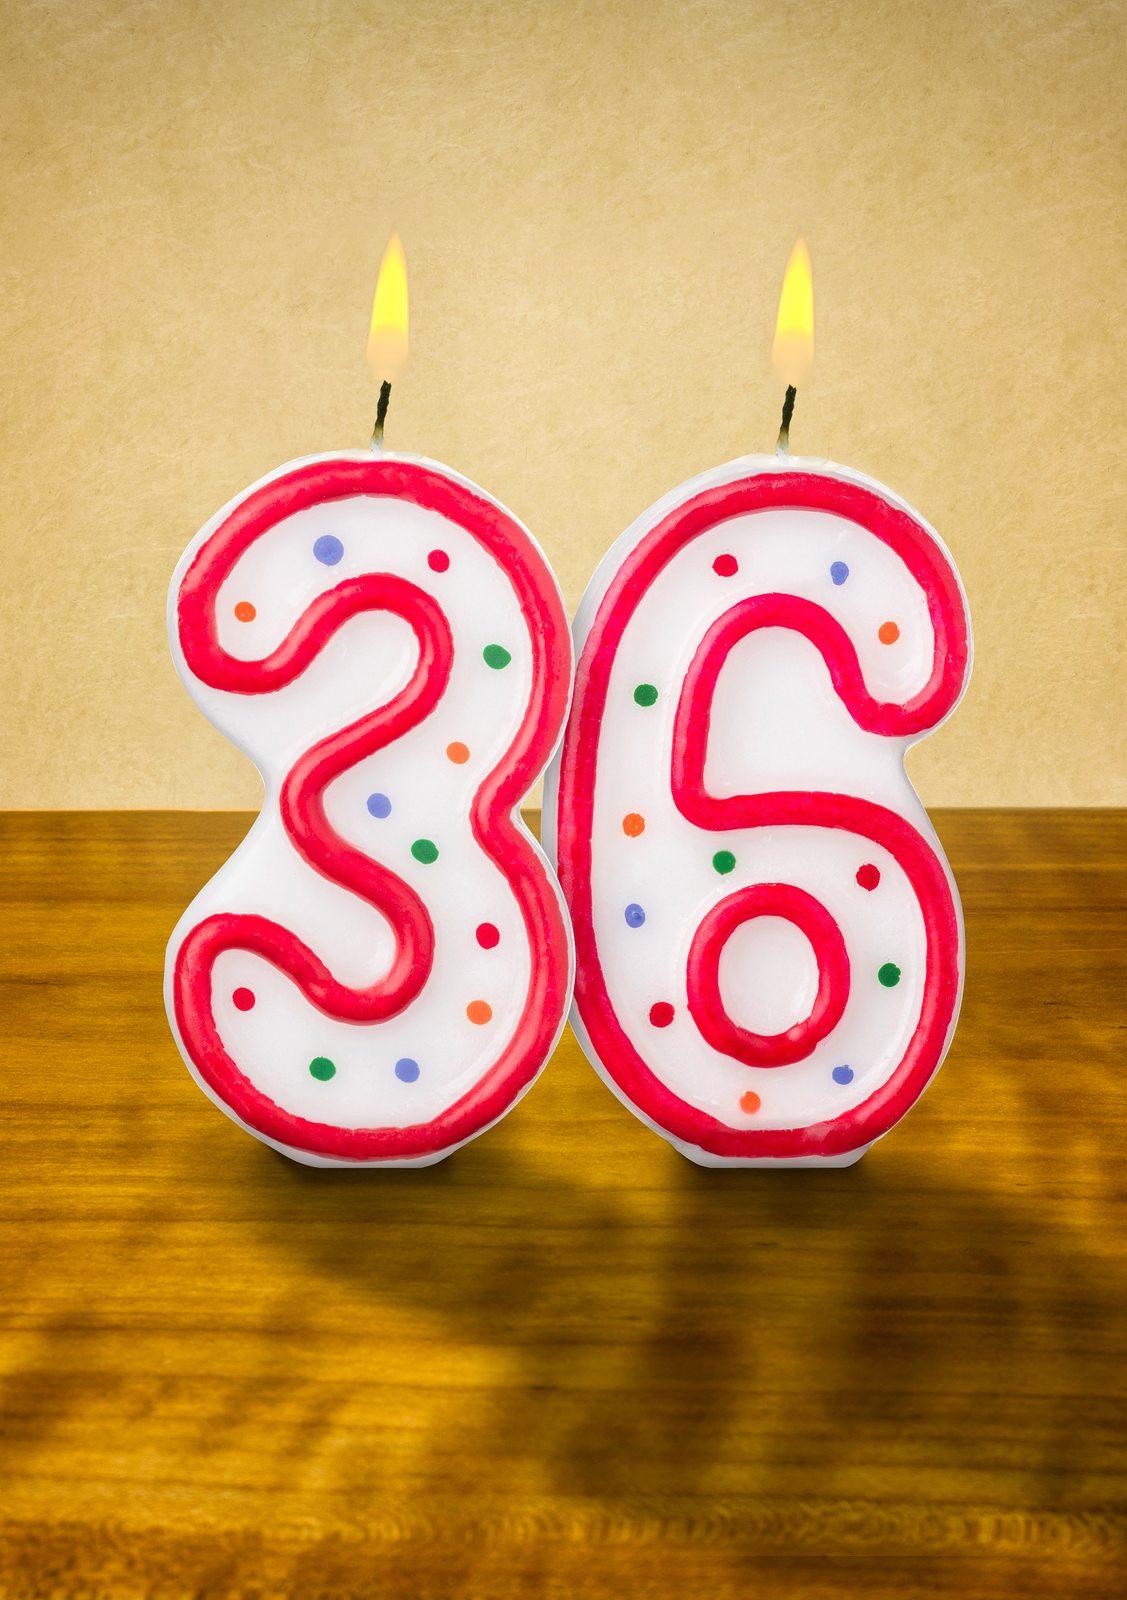 Поздравление с днем рождения 36 лет друг